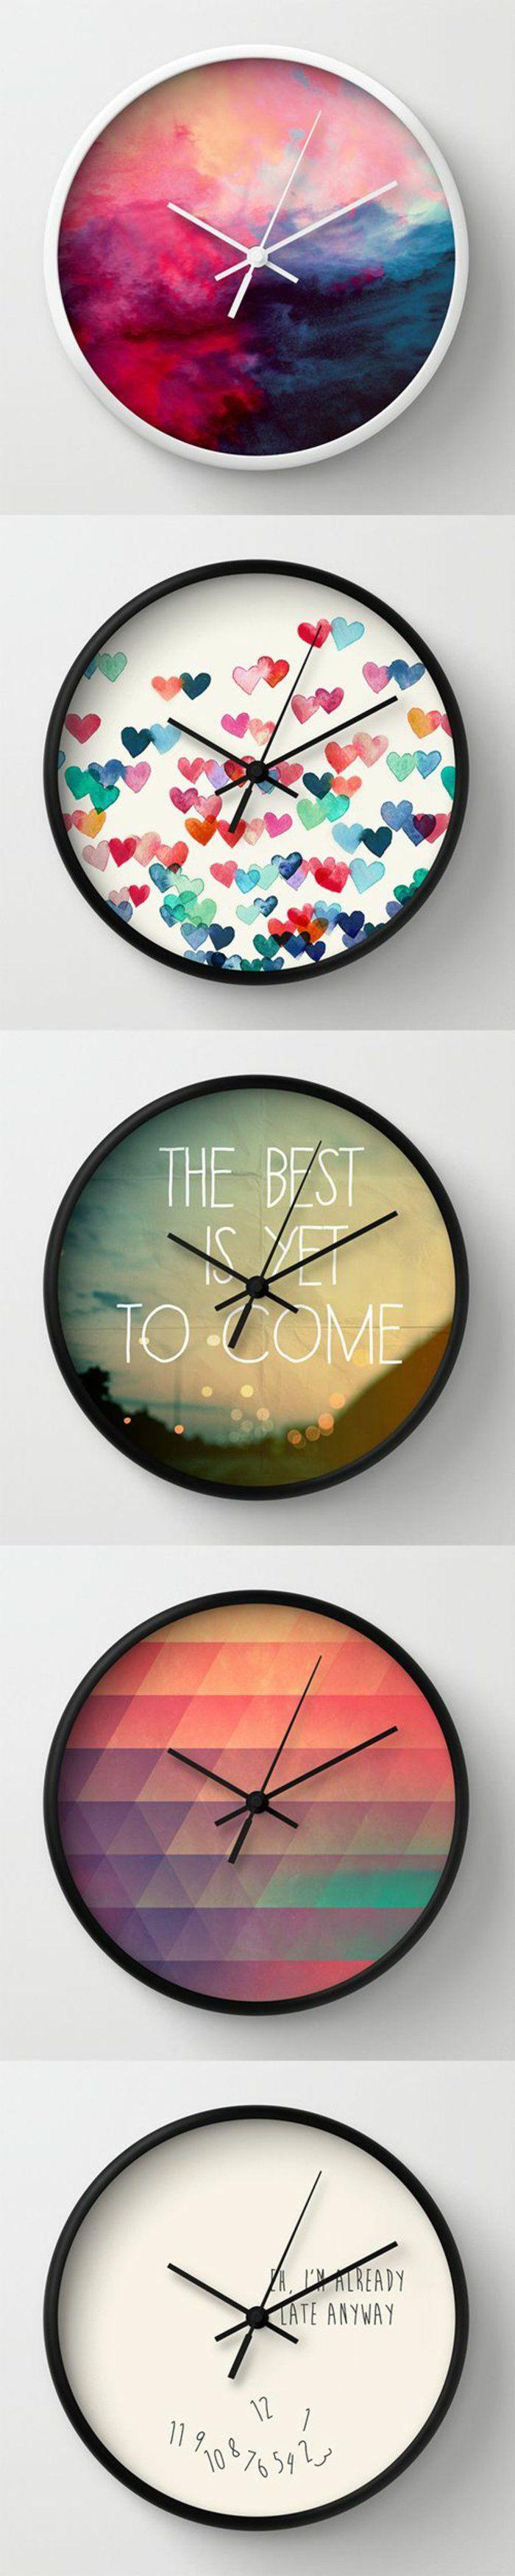 une horloge murale ado dco chambre ado insolite